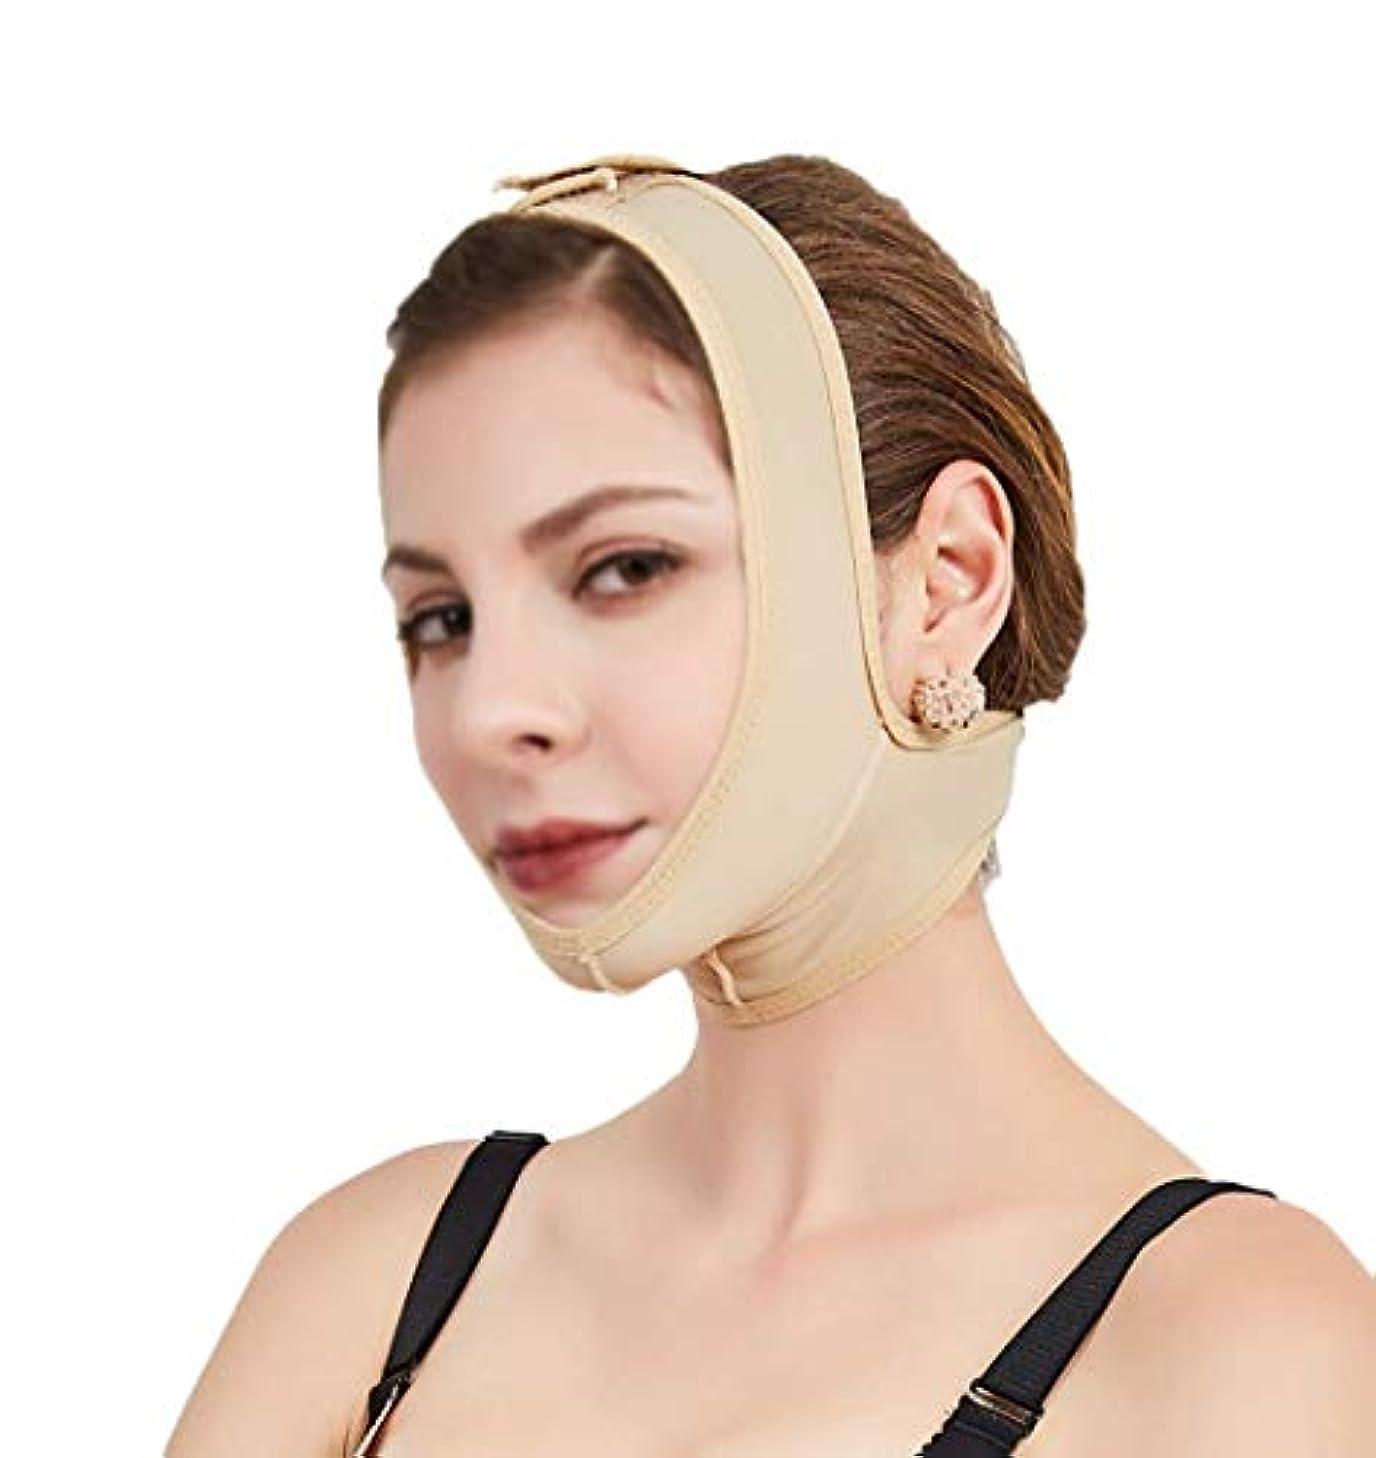 する必要がある特異な二度フェイスアンドネックリフトポストエラスティックスリーブ下顎骨セットフェイスアーティファクトVフェイスフェイシャルフェイスバンドルダブルチンマスク(サイズ:M)